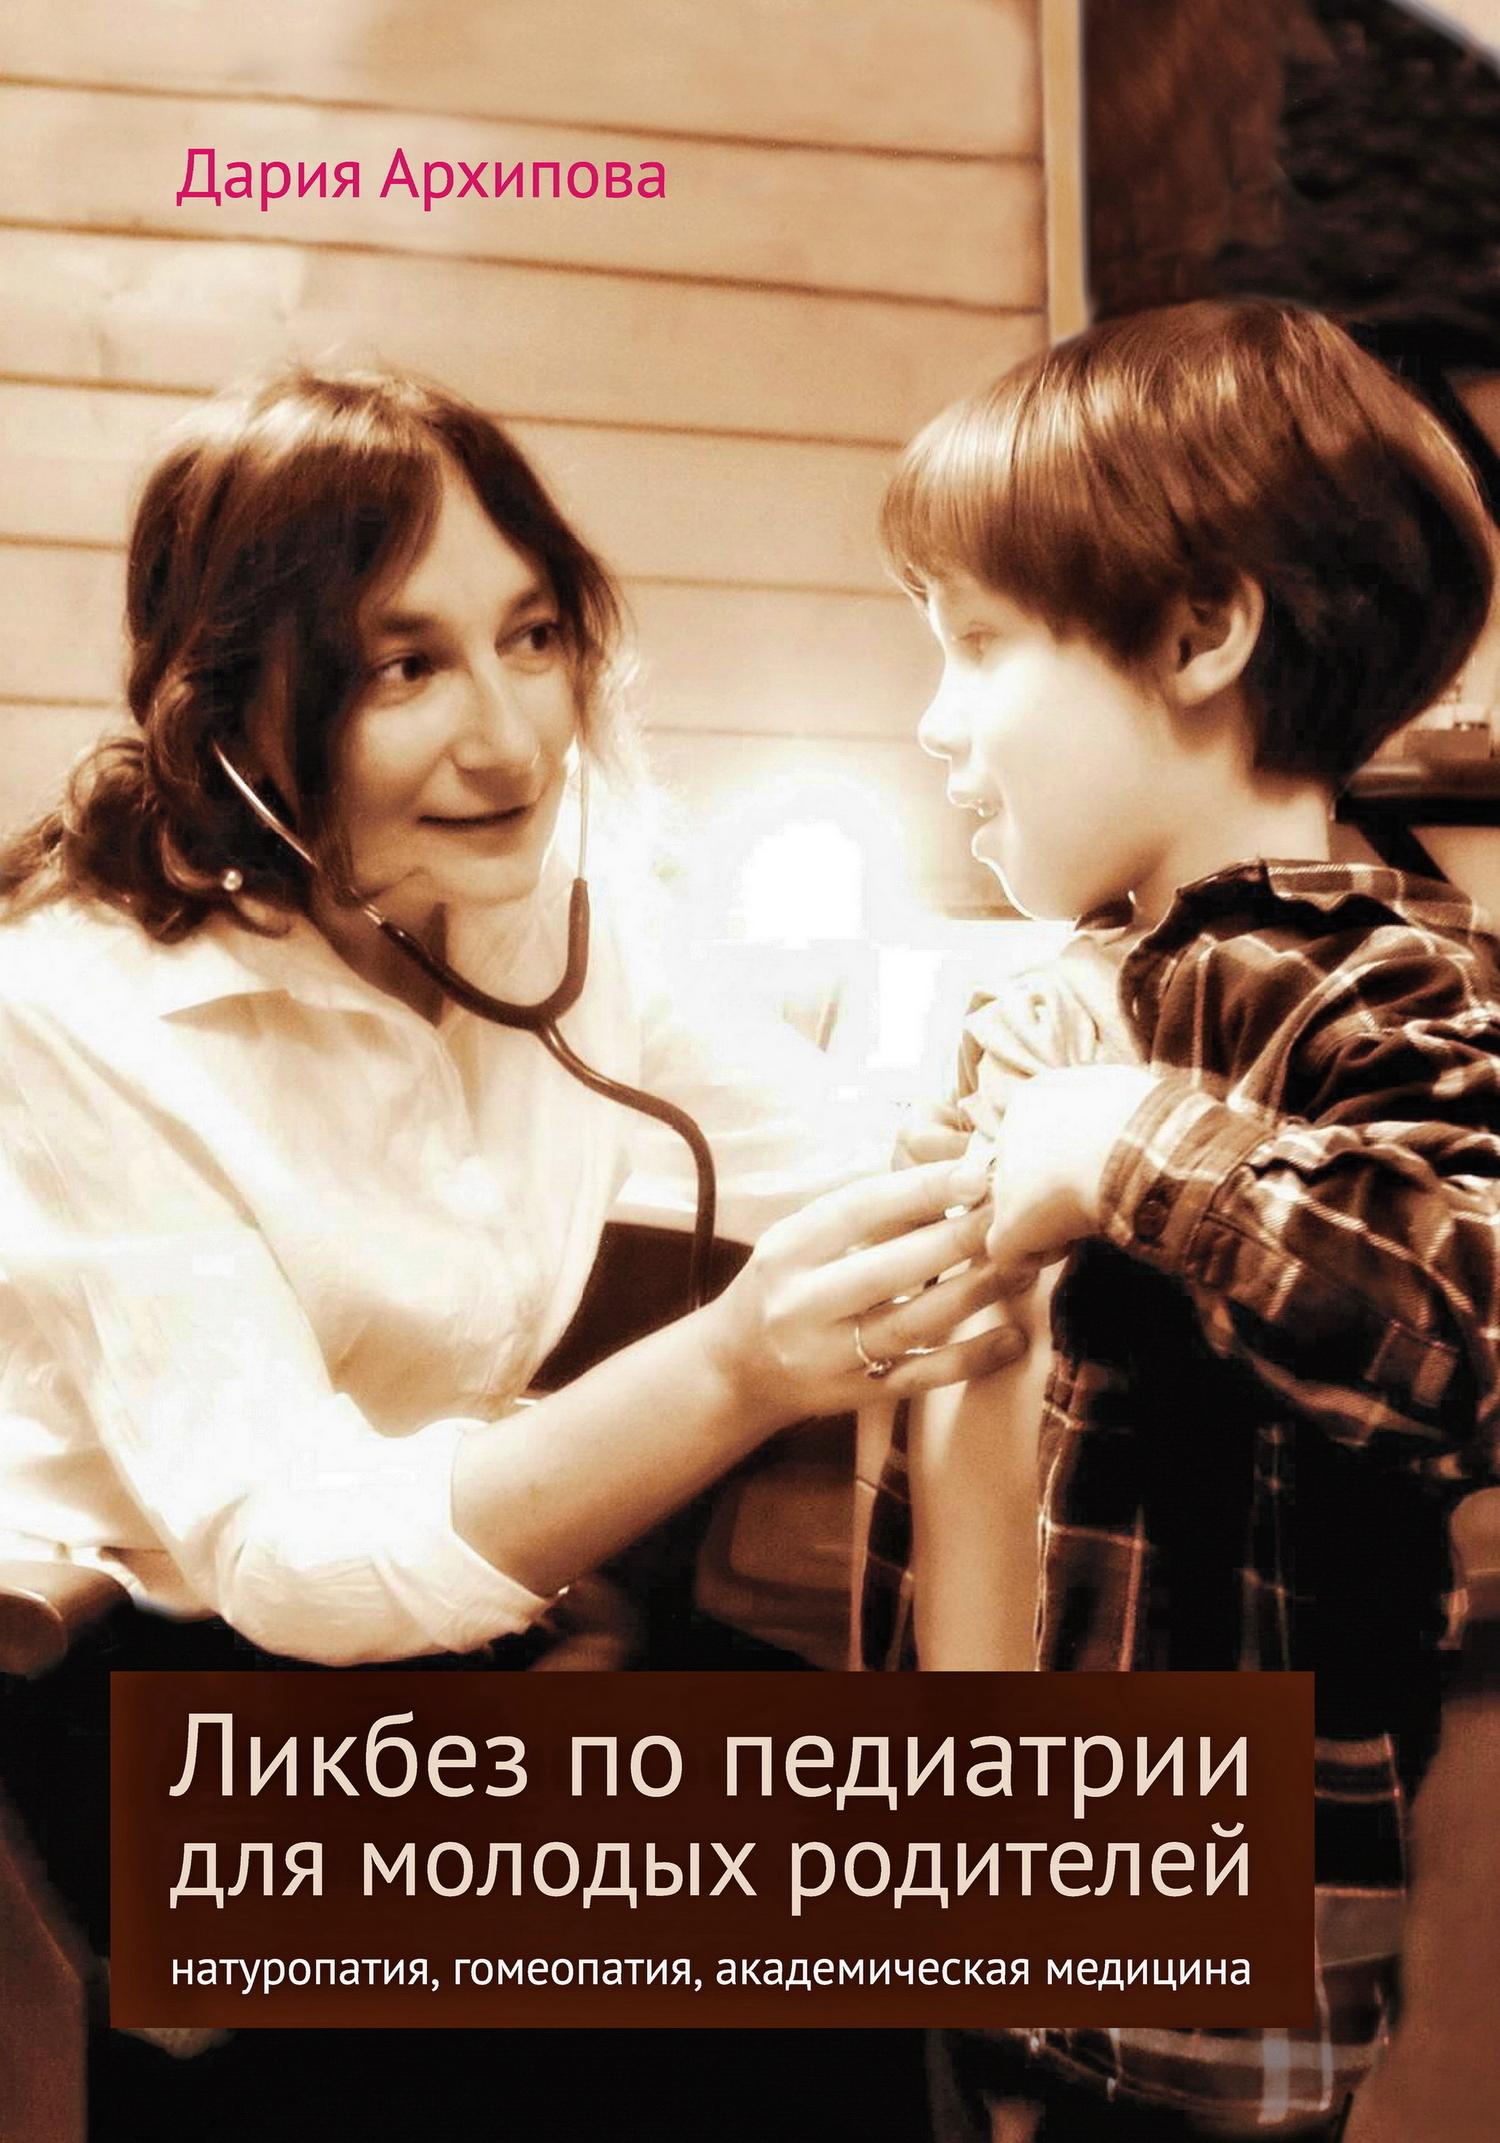 Дария Архипова - Ликбез по педиатрии для молодых родителей: натуропатия, гомеопатия, академическая медицина